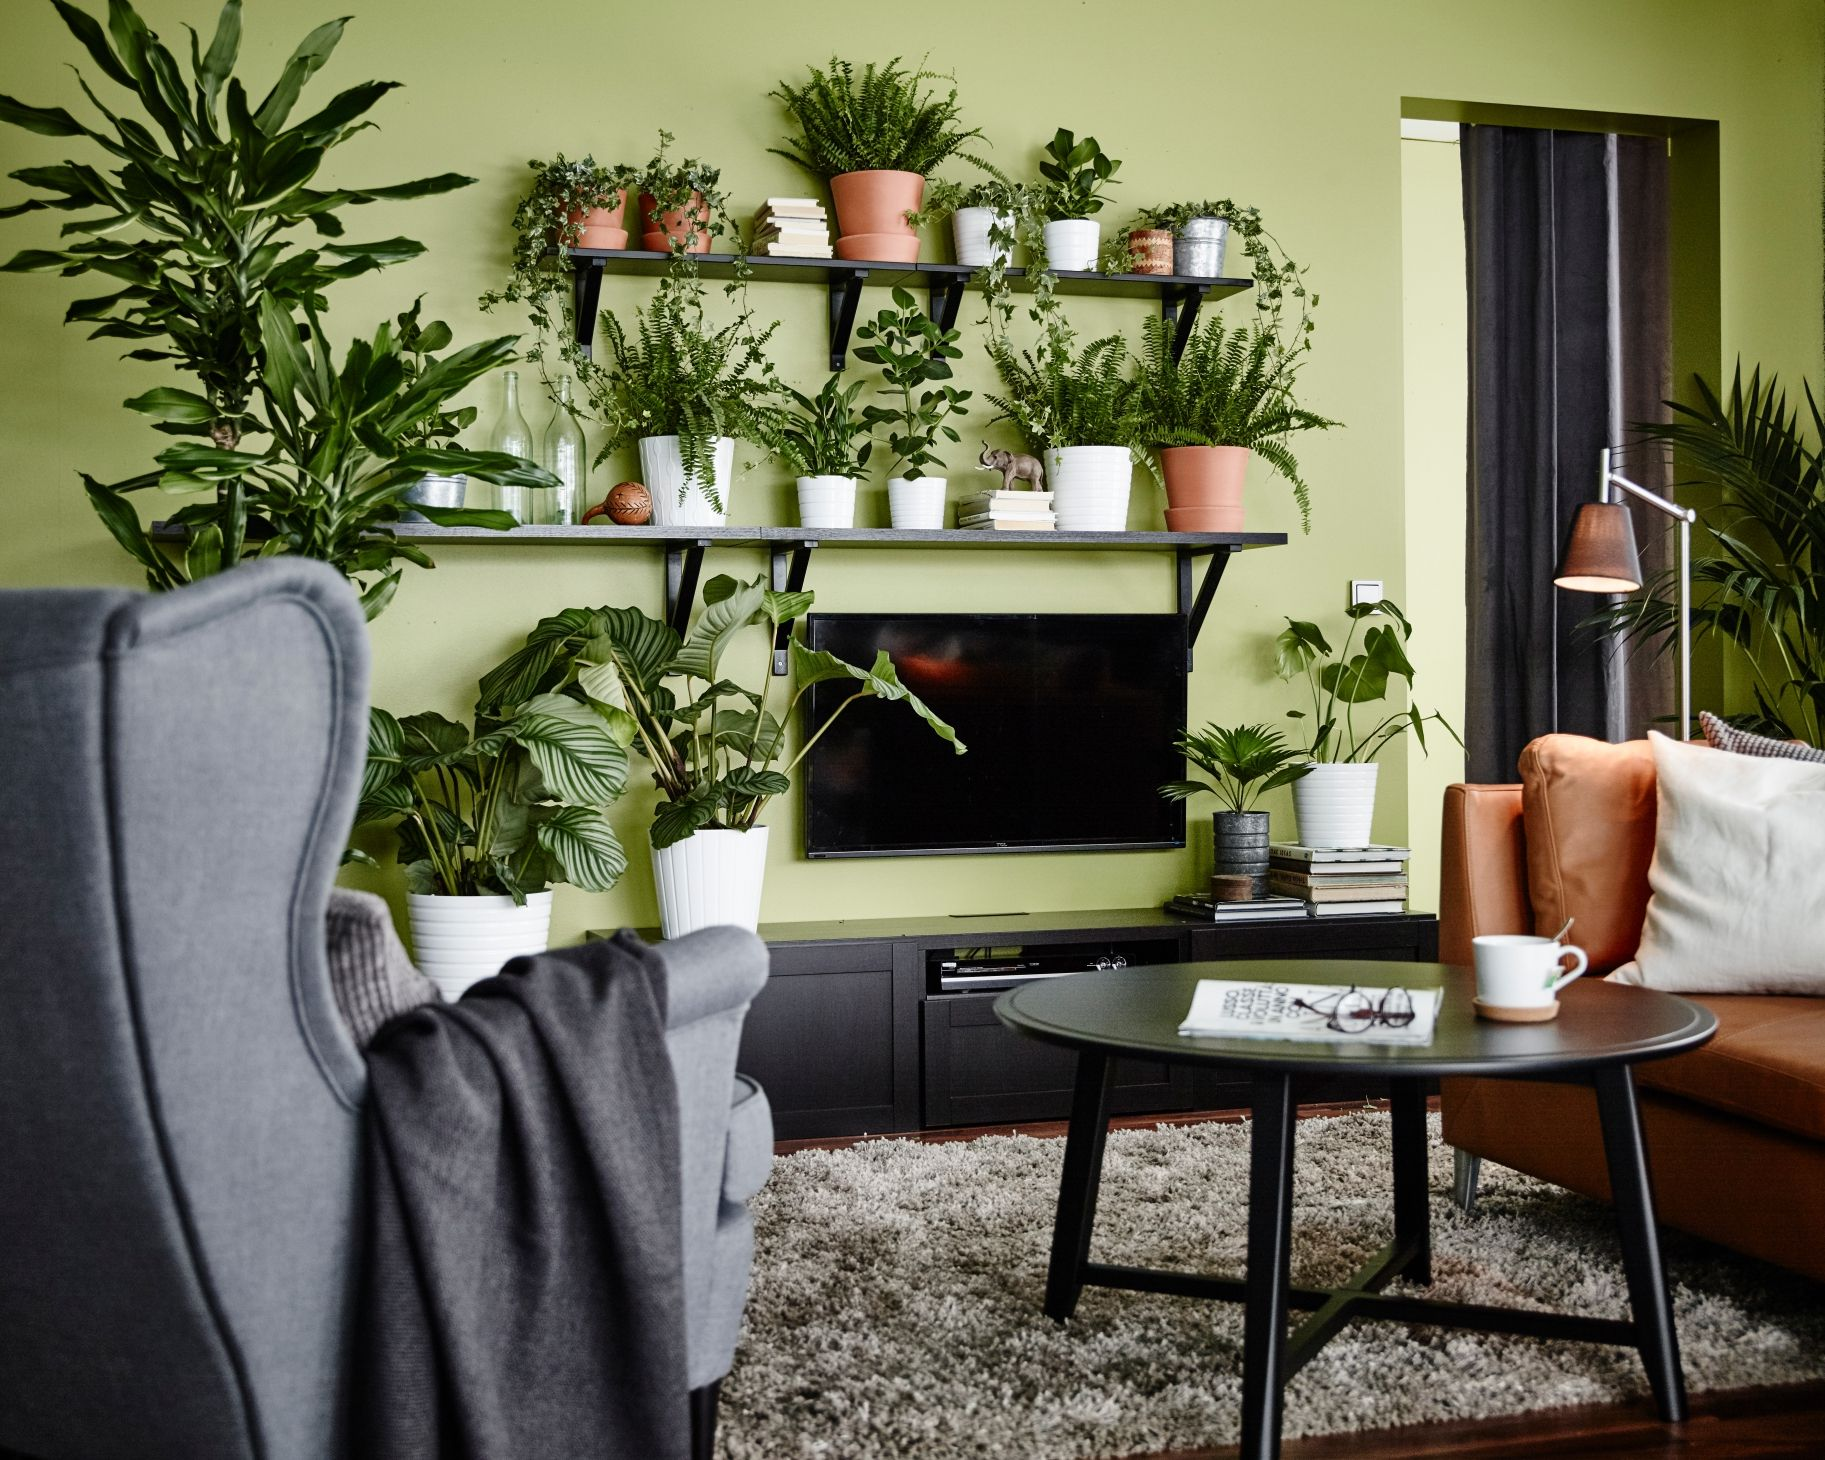 Strandmon oorfauteuil ikea ikeanl woonkamer groen planten stoel bank leer new home - Tapijten ikea hal ...